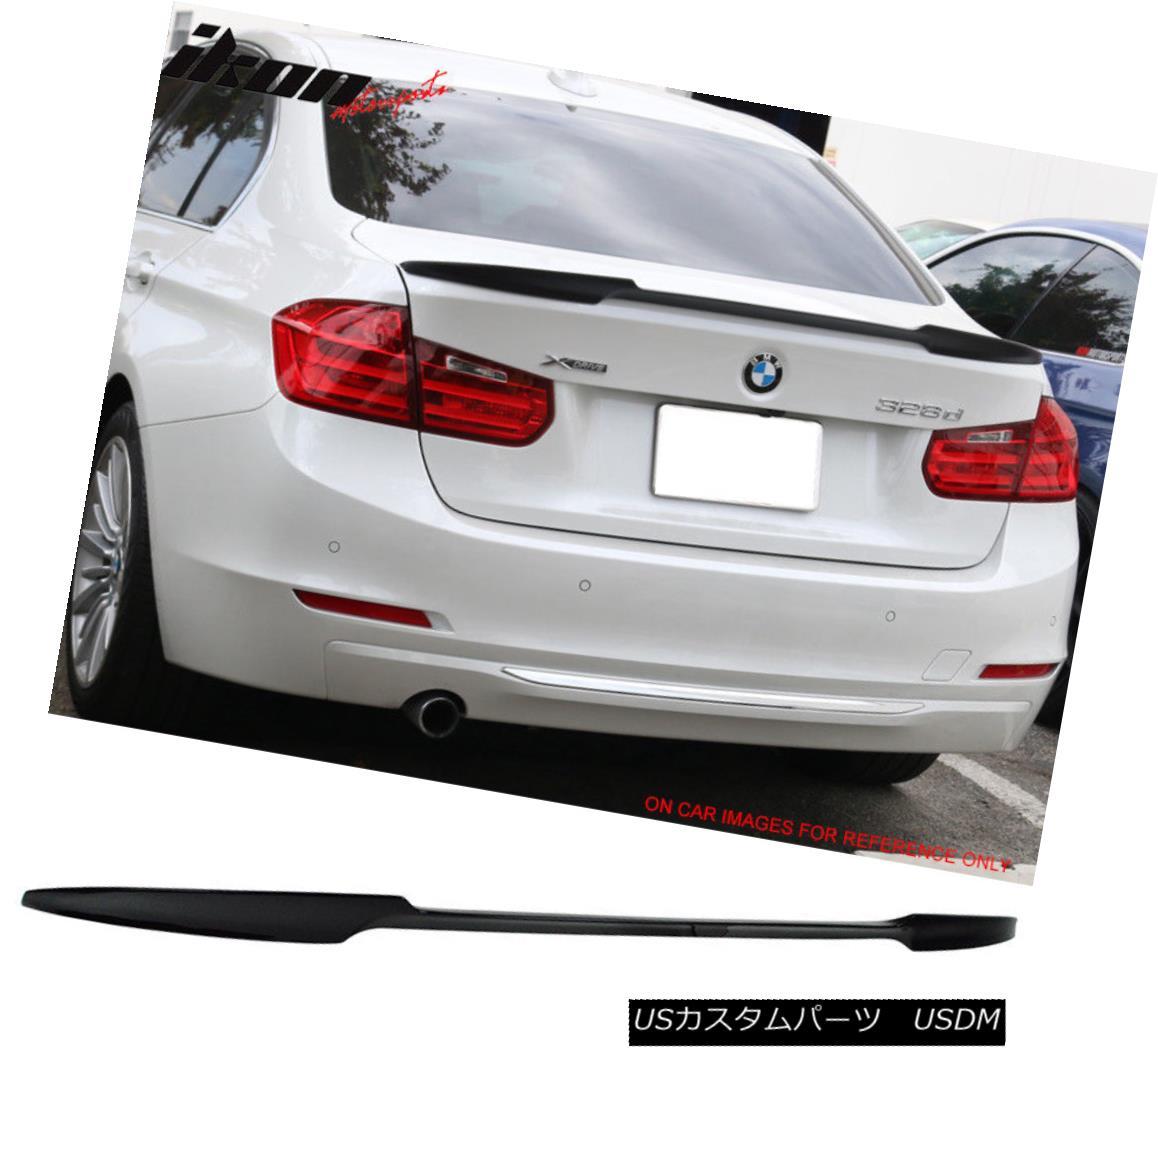 エアロパーツ 12-18 BMW 3 Series F80 M3 F30 4Dr V Style Trunk Spoiler Painted Jet Black #668 12-18 BMW 3シリーズF80 M3 F30 4Dr Vスタイルトランクスポイラーペイントジェットブラック#668